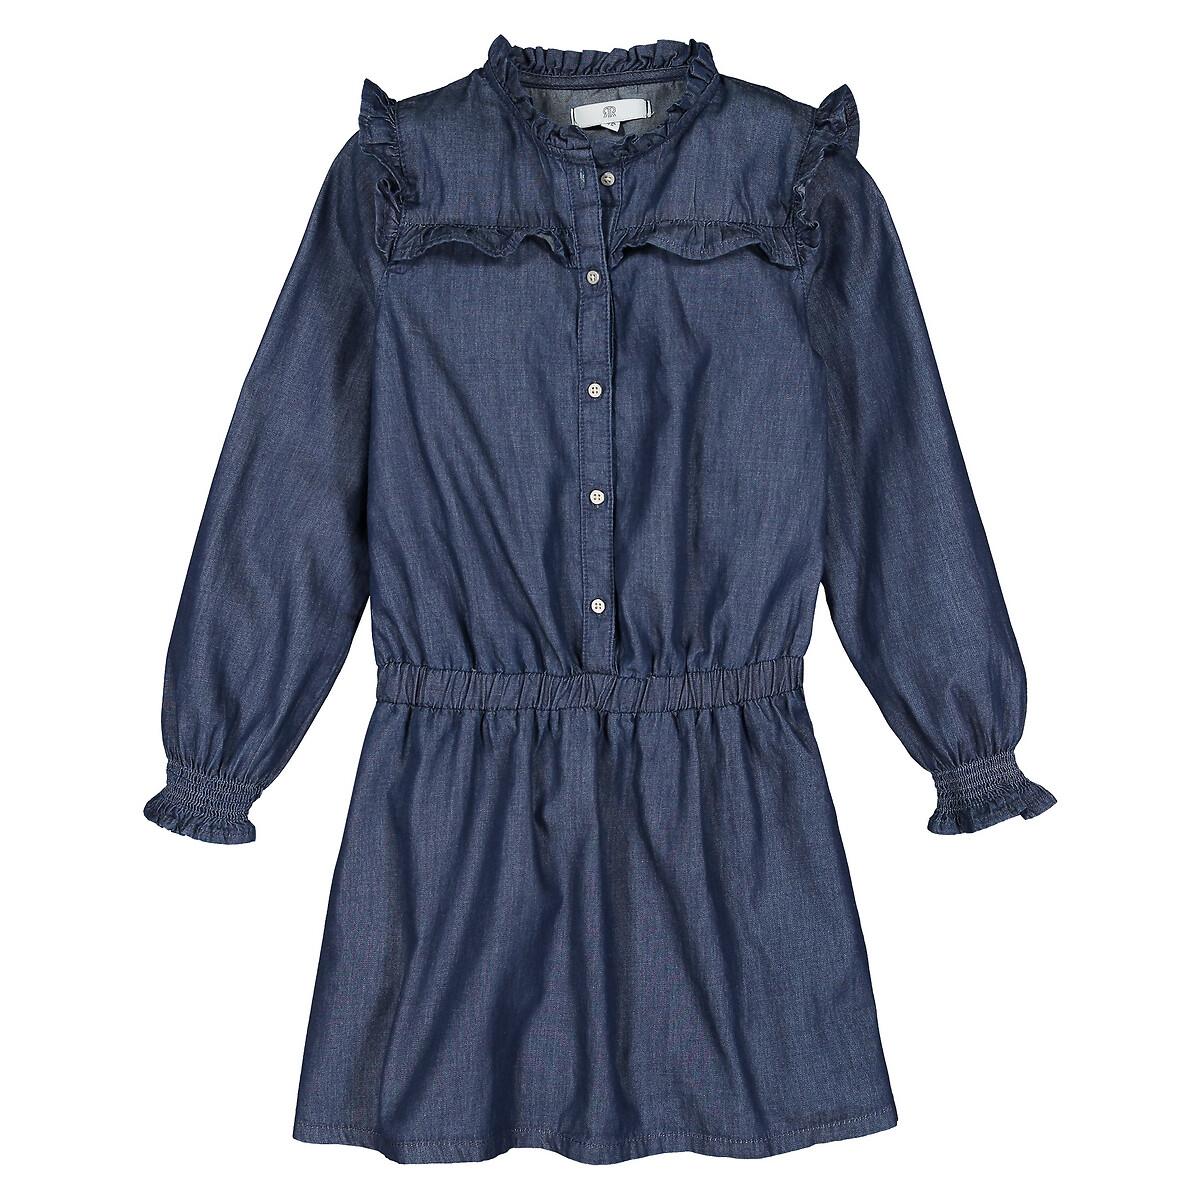 Платье LaRedoute С длинными рукавами с воланами 3-12 лет 9 лет - 132 см синий